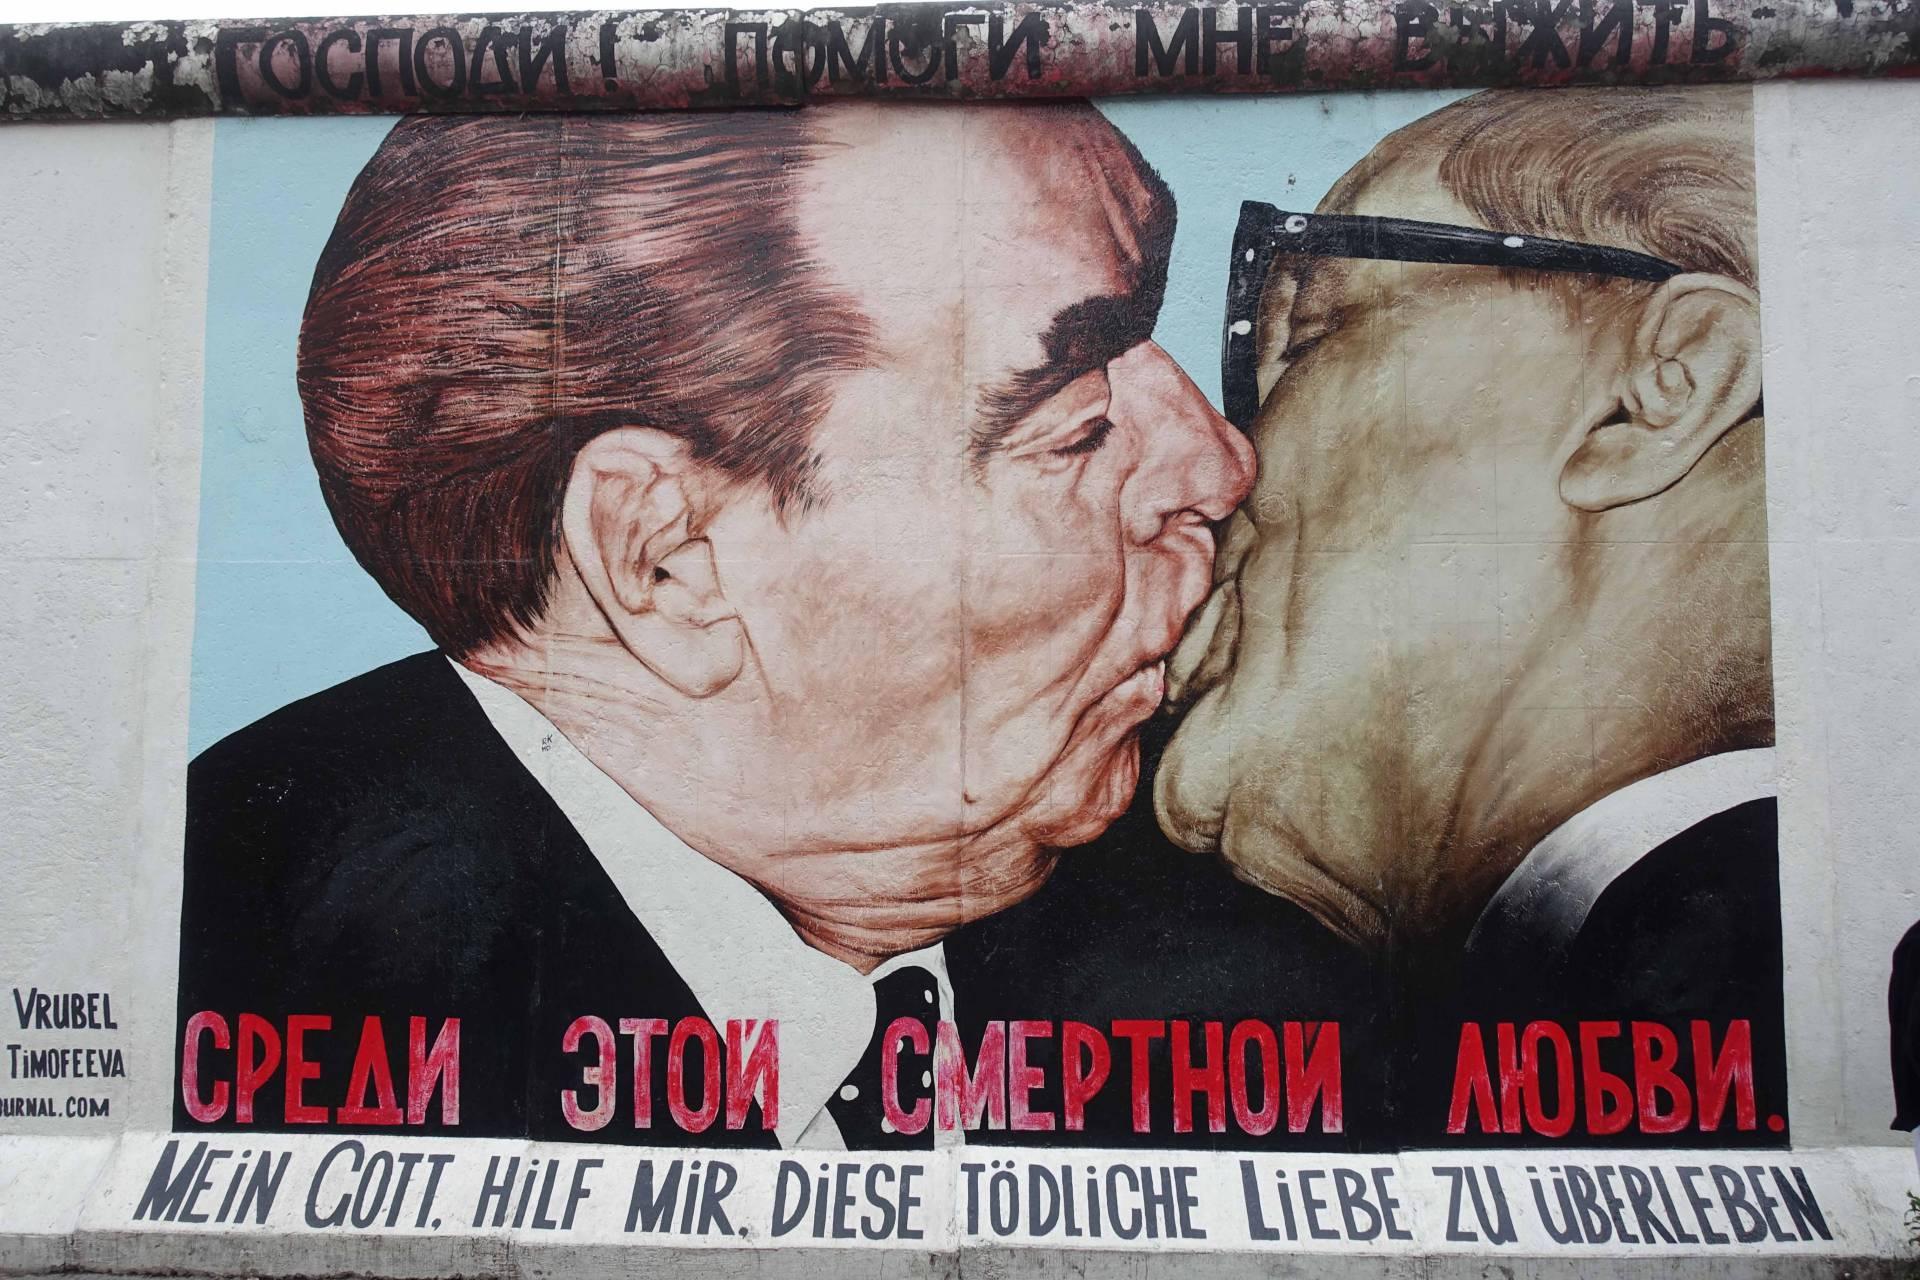 DDR-vibbar I Berlin 30 år Efter Murens Fall